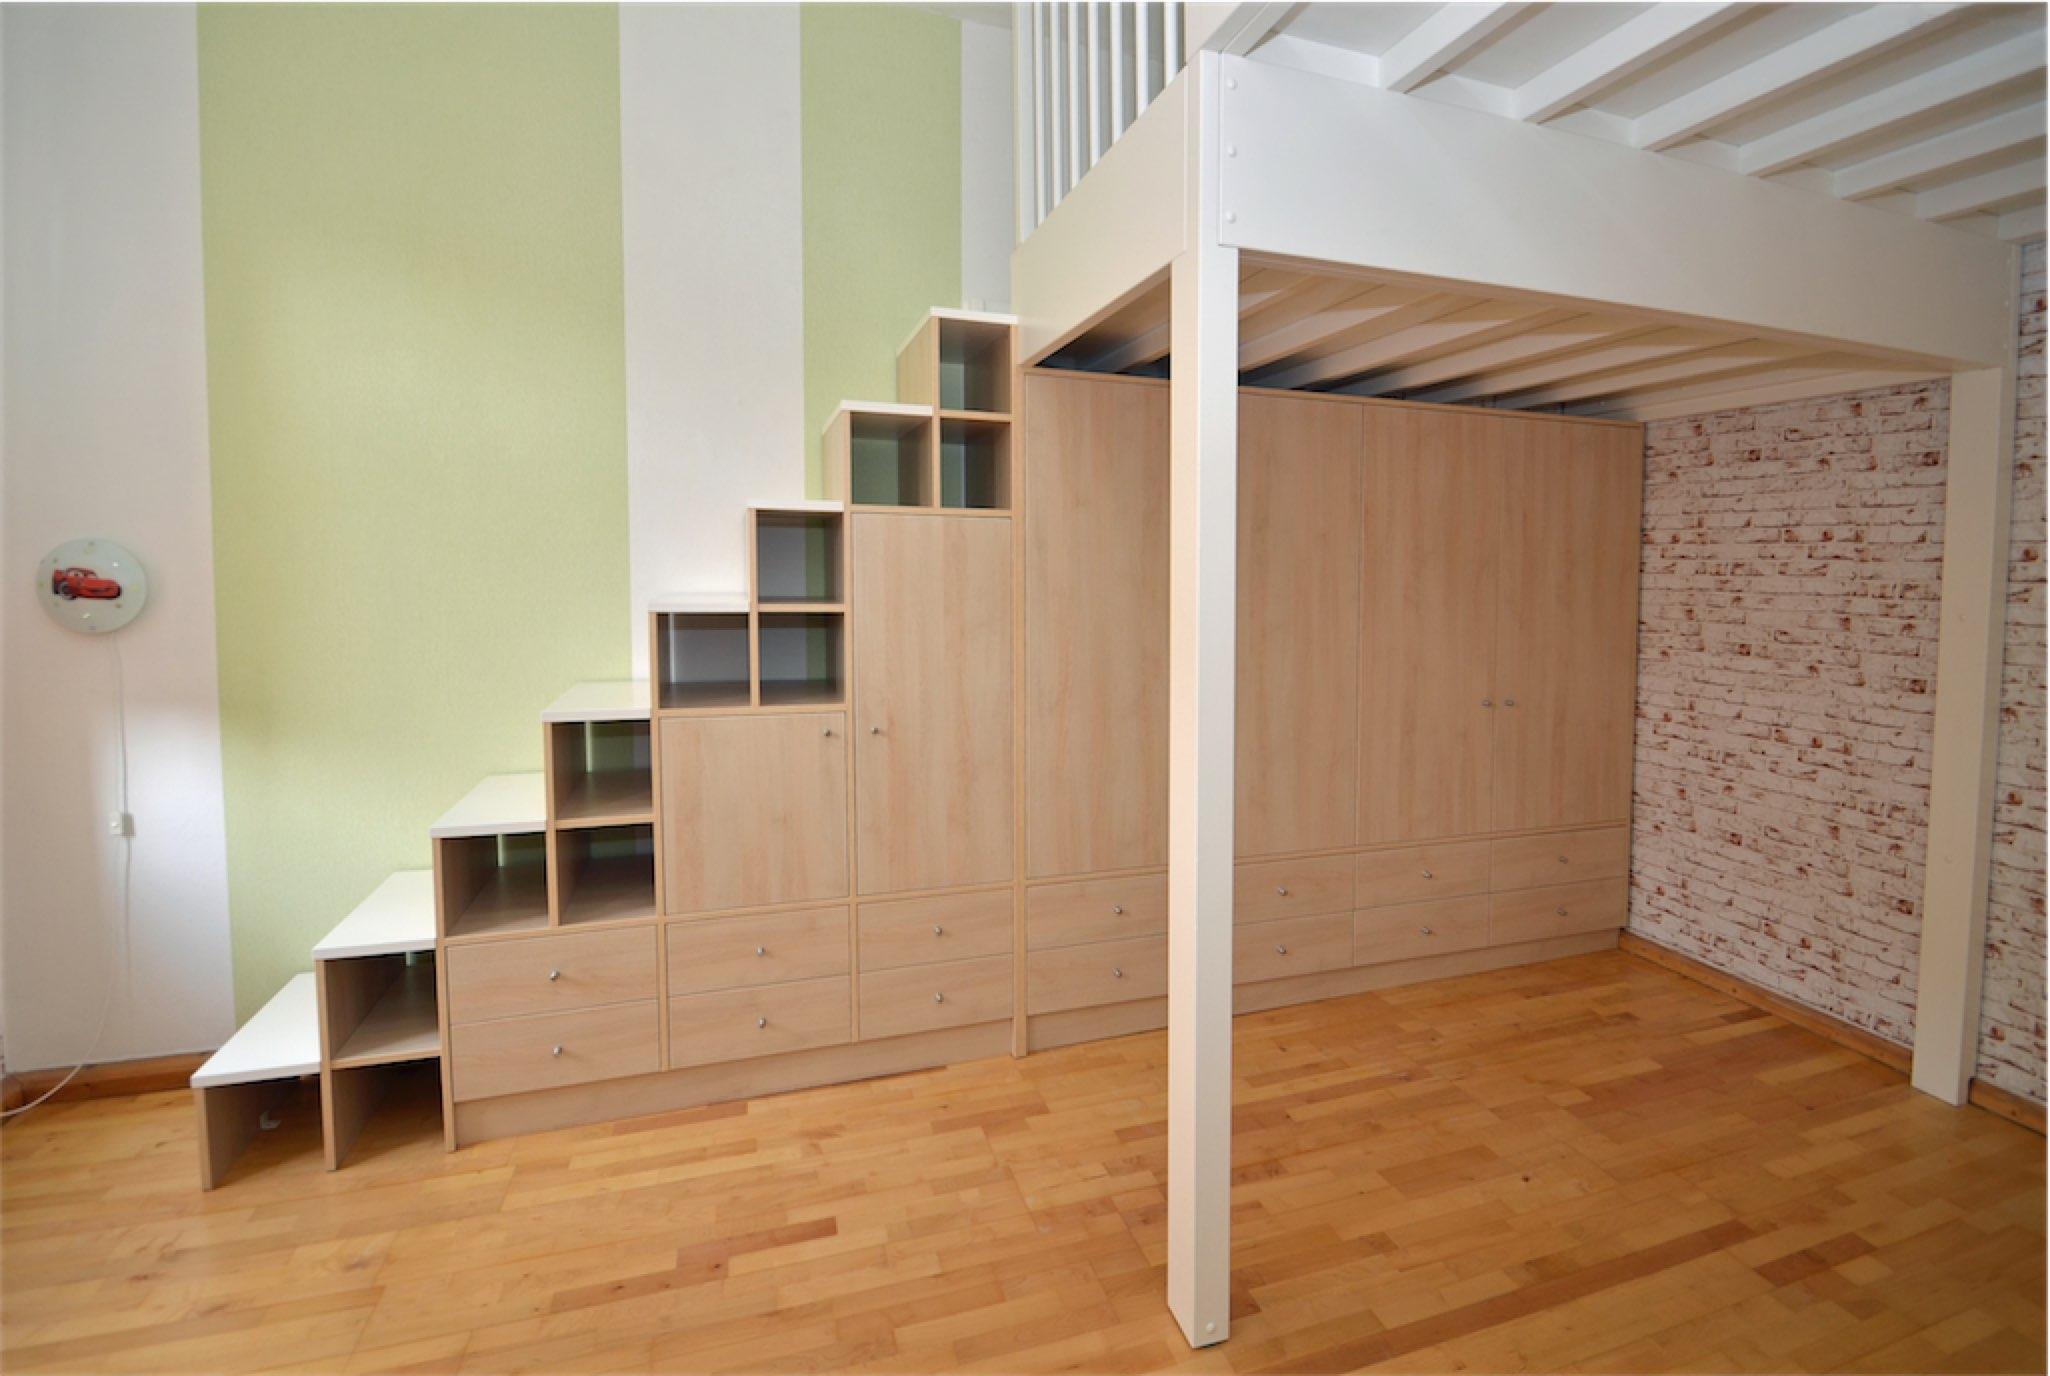 Einbauschrank als Treppe